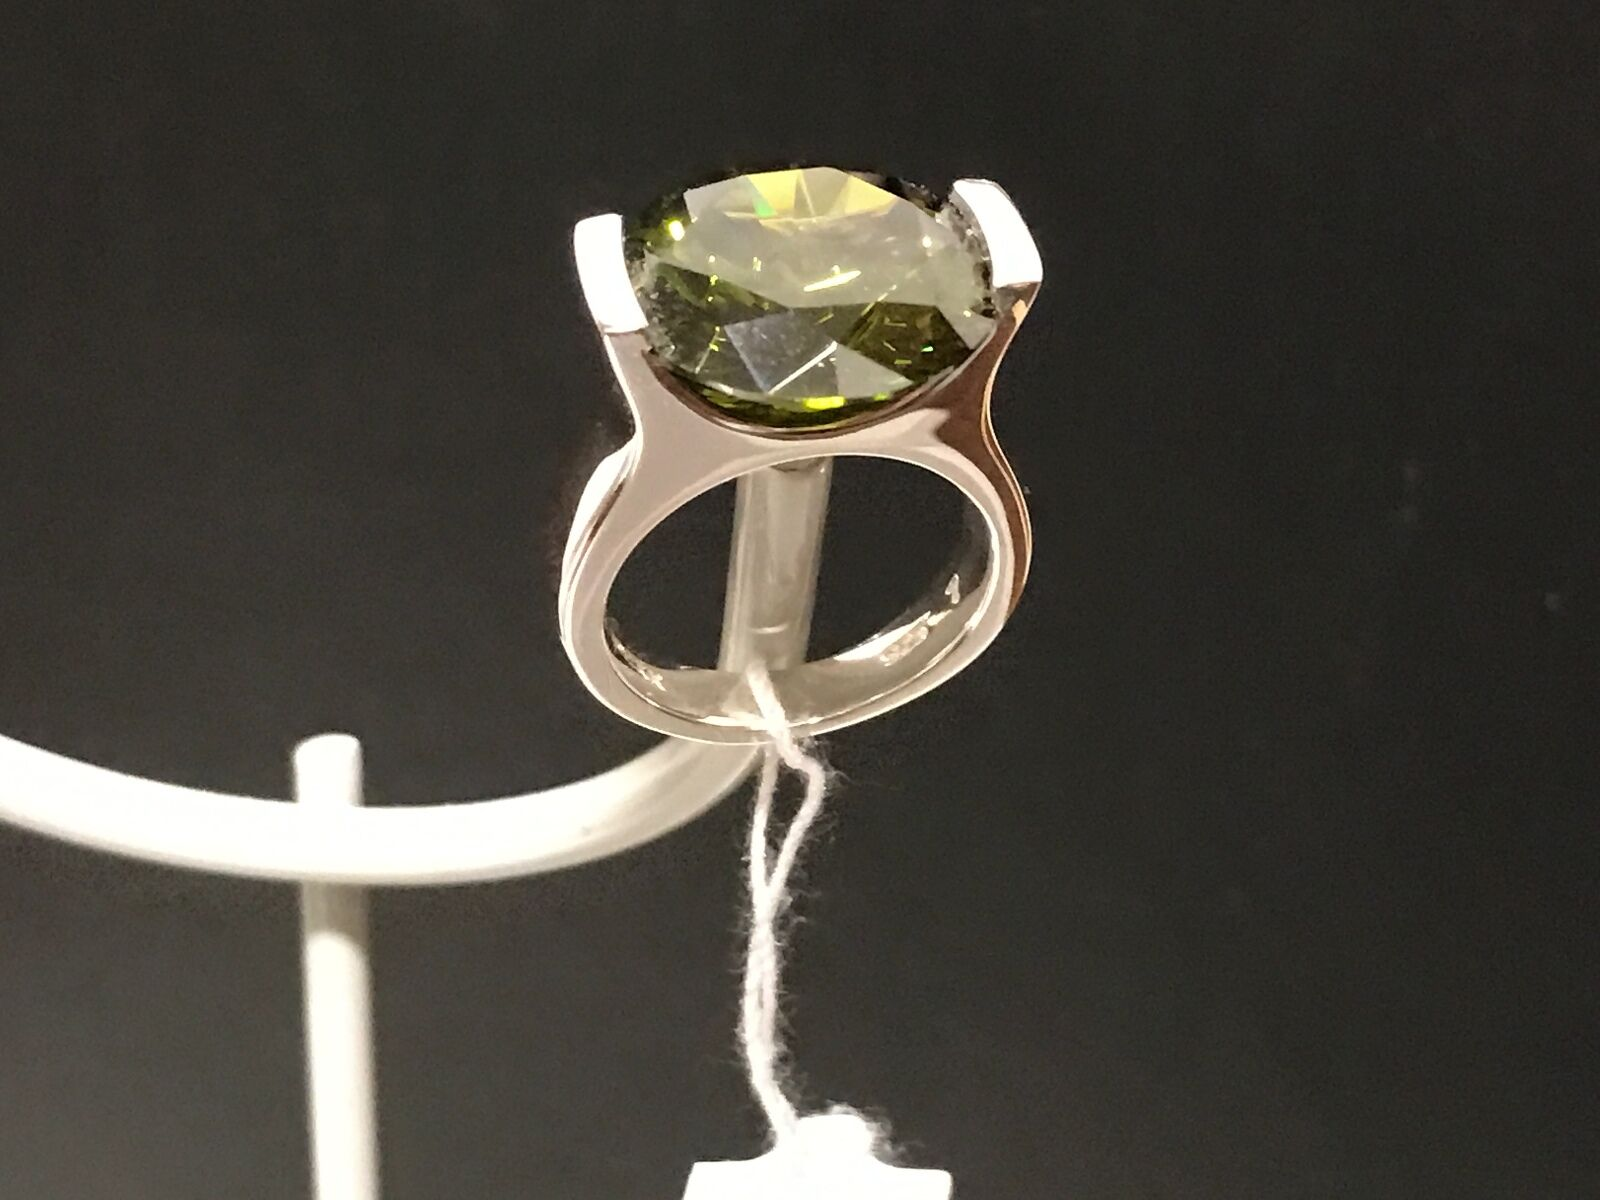 Mexx Ring 925 silver 15,4 Gramm, Größe 17.  Unbenutzt